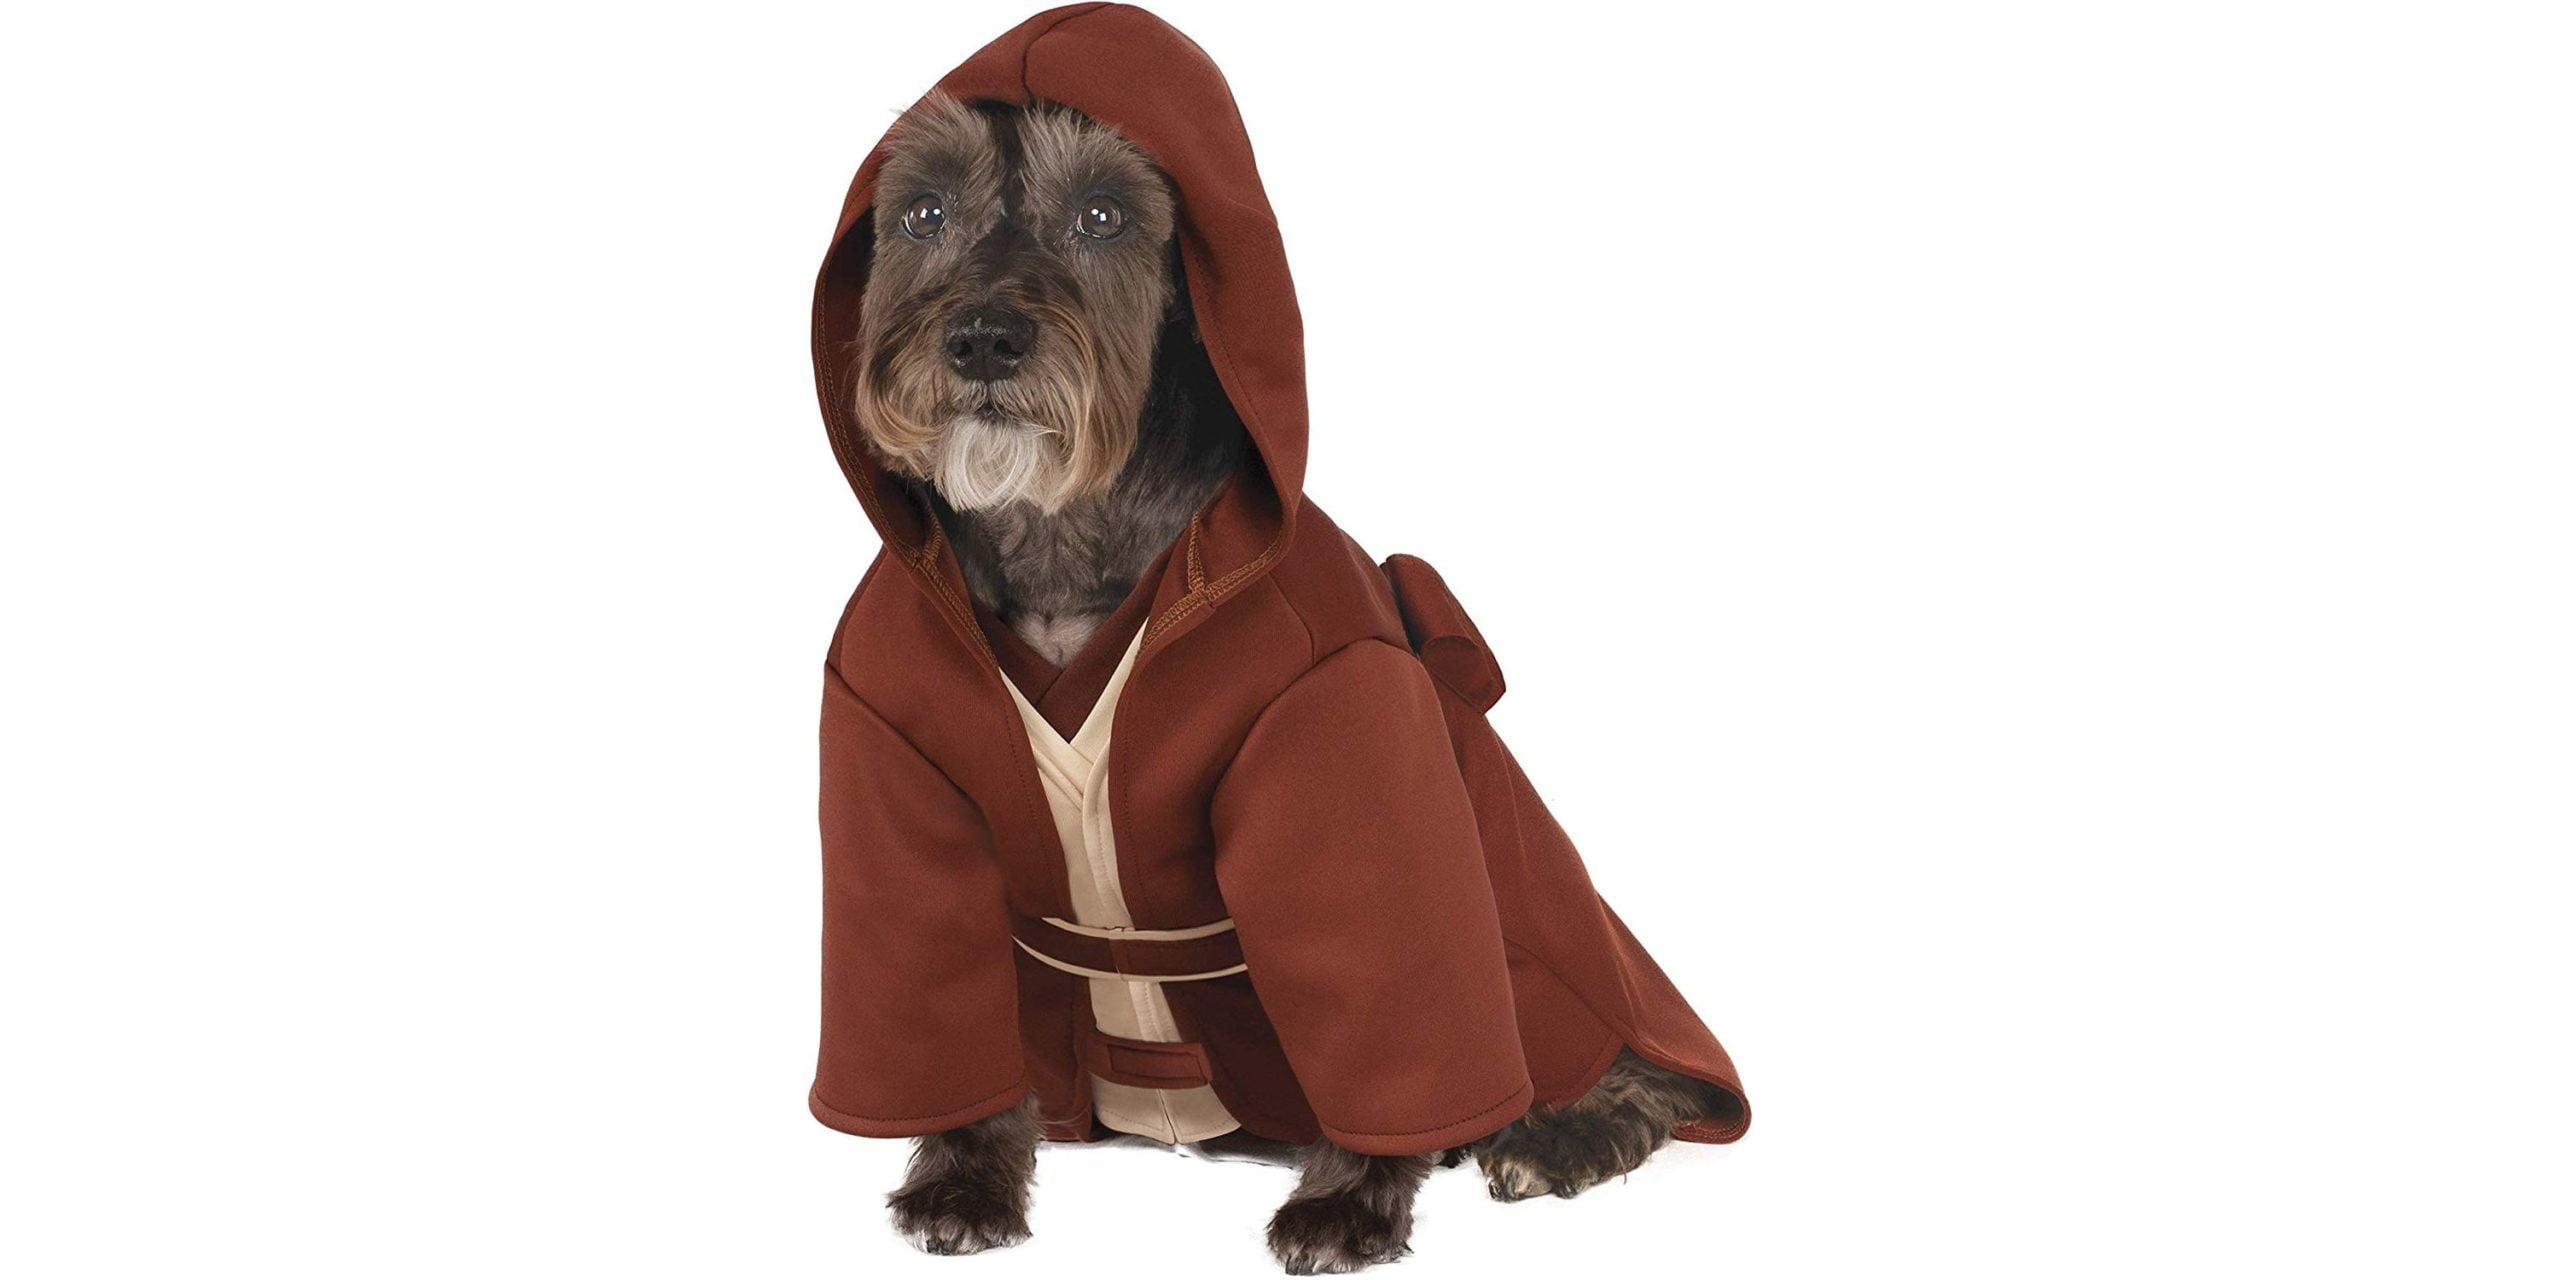 Disfraces de Star Wars para perros